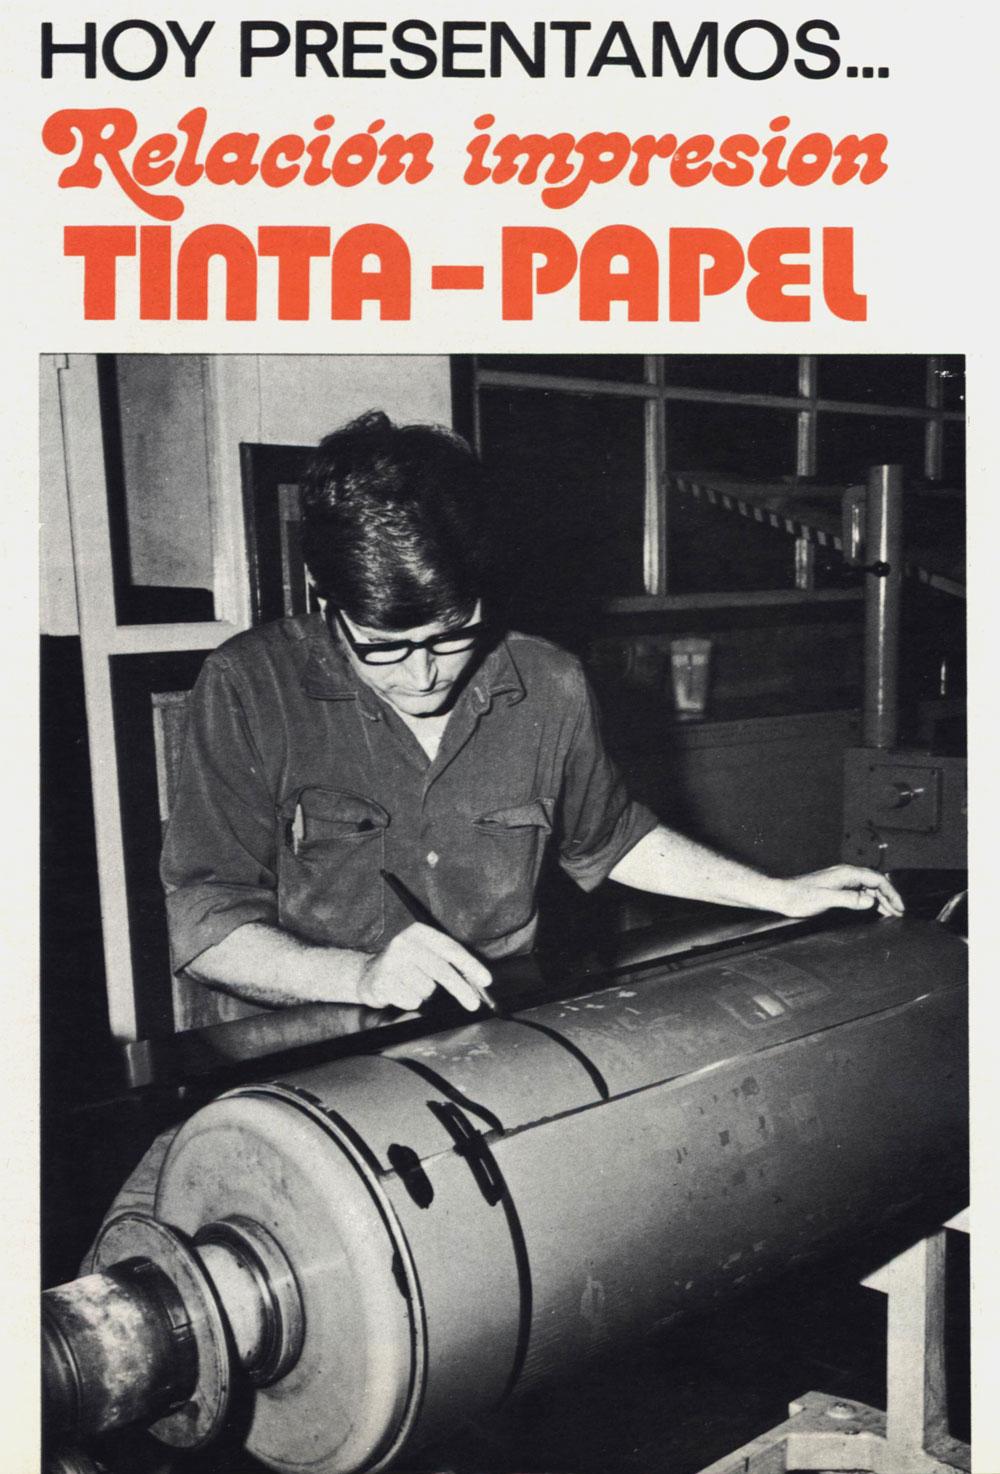 Enllaç al pdf: Relación impresión tinta-papel